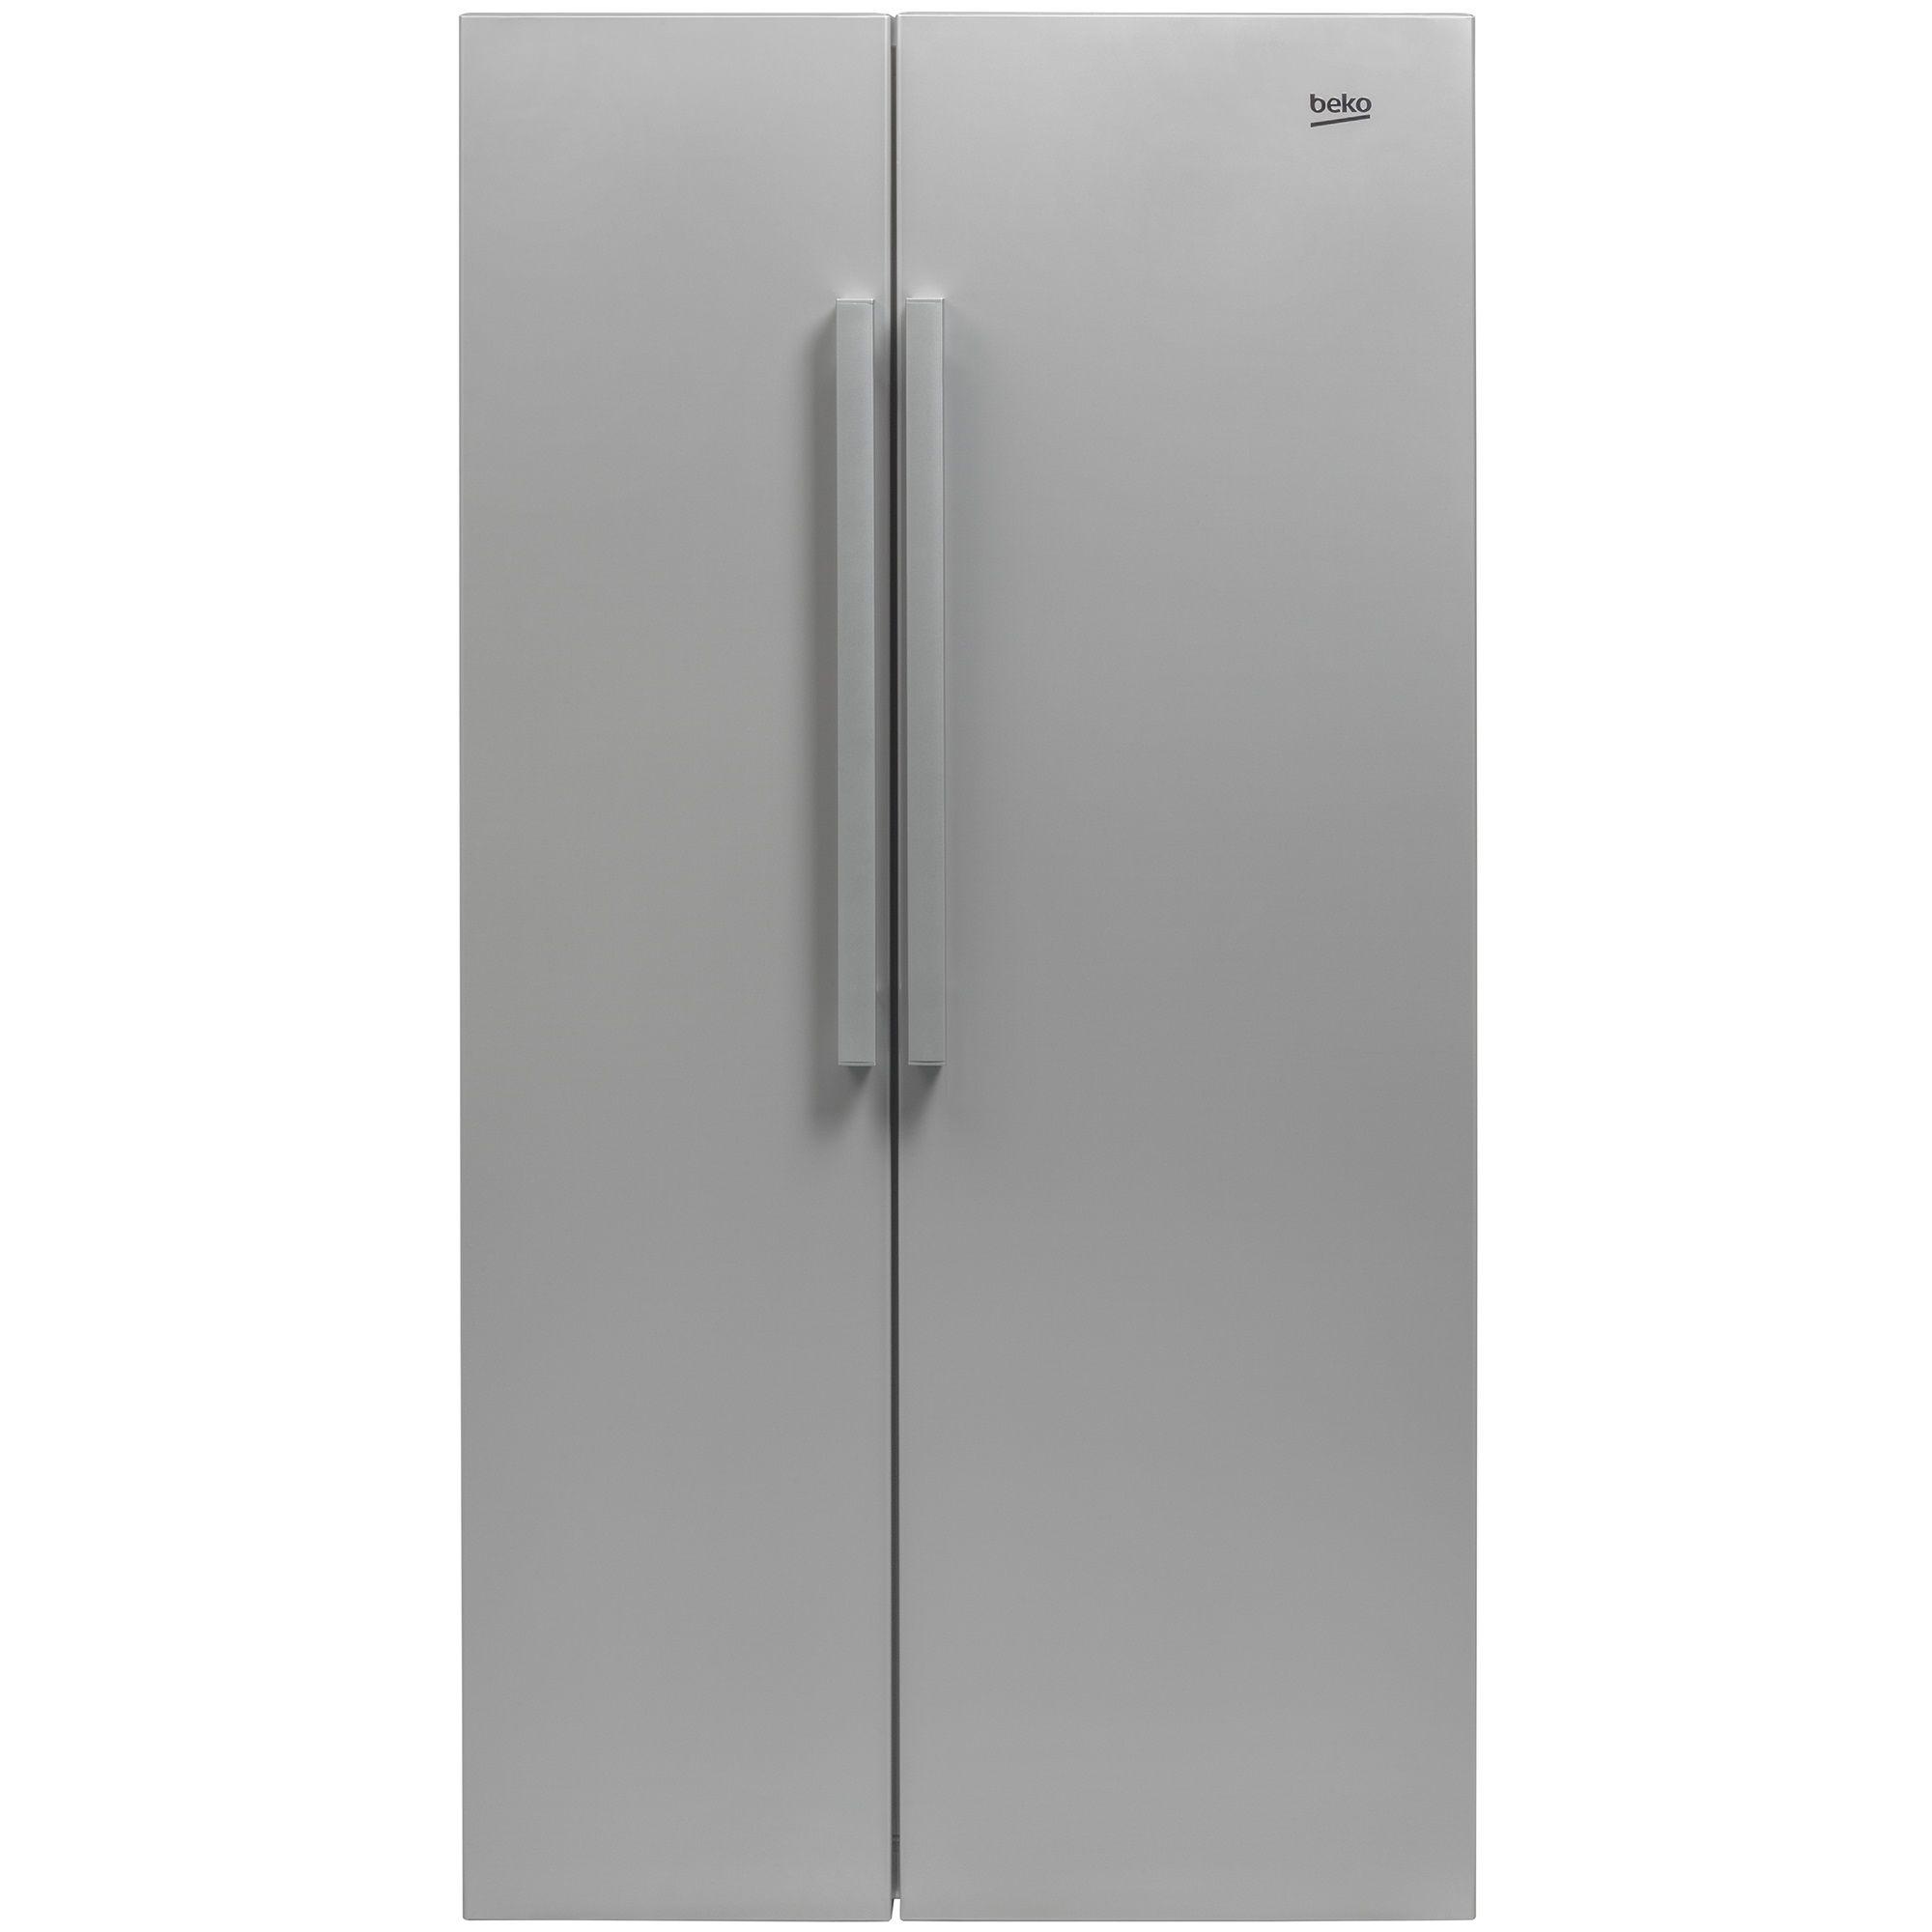 beko-gn163022s